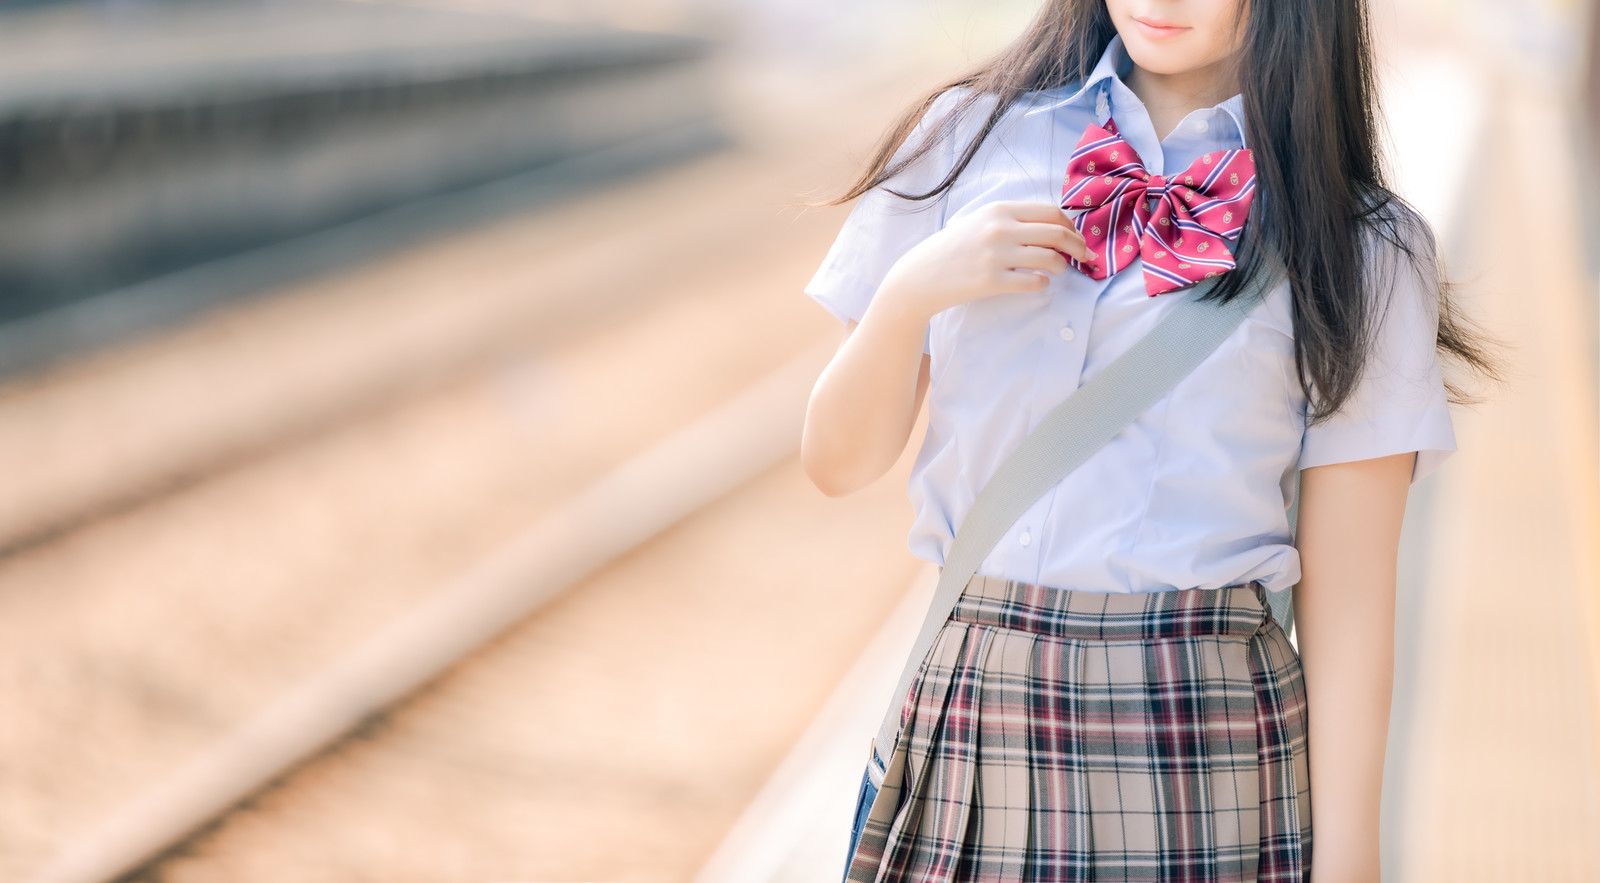 「電車通学の女子高生」の写真[モデル:石投げて美奈代]